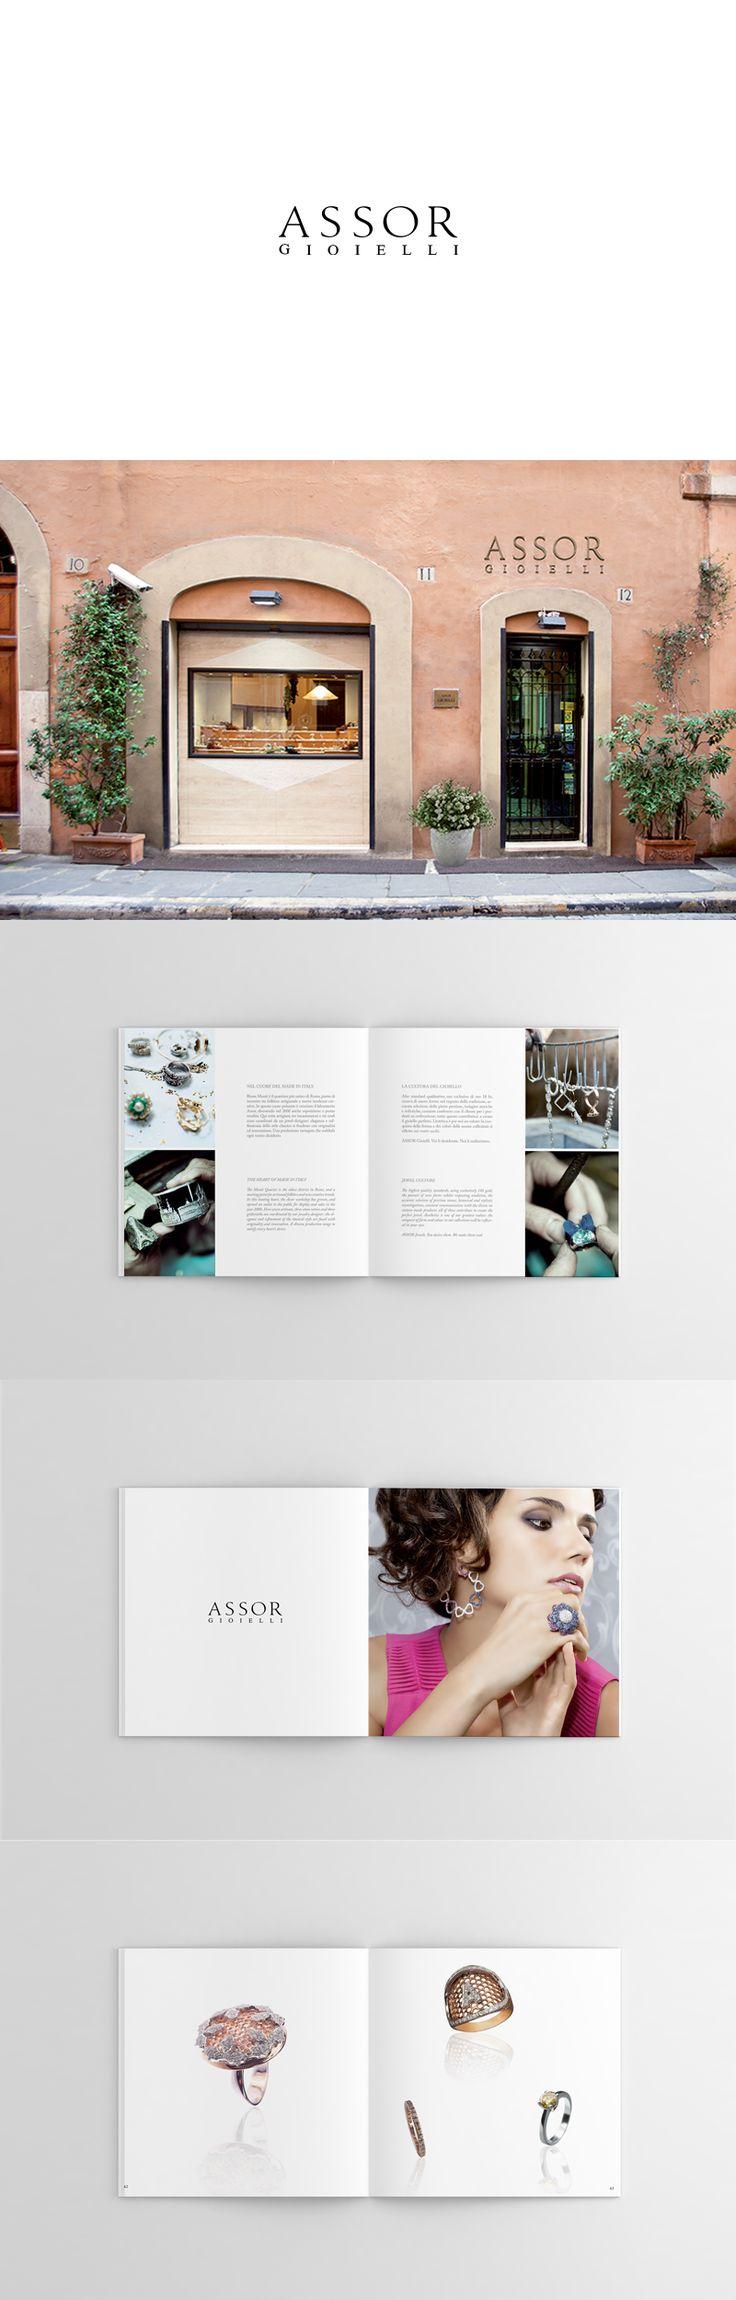 Assor Gioielli, Brand Design ─ Giulio Patrizi Design Agency ©   #brochure #branding #design